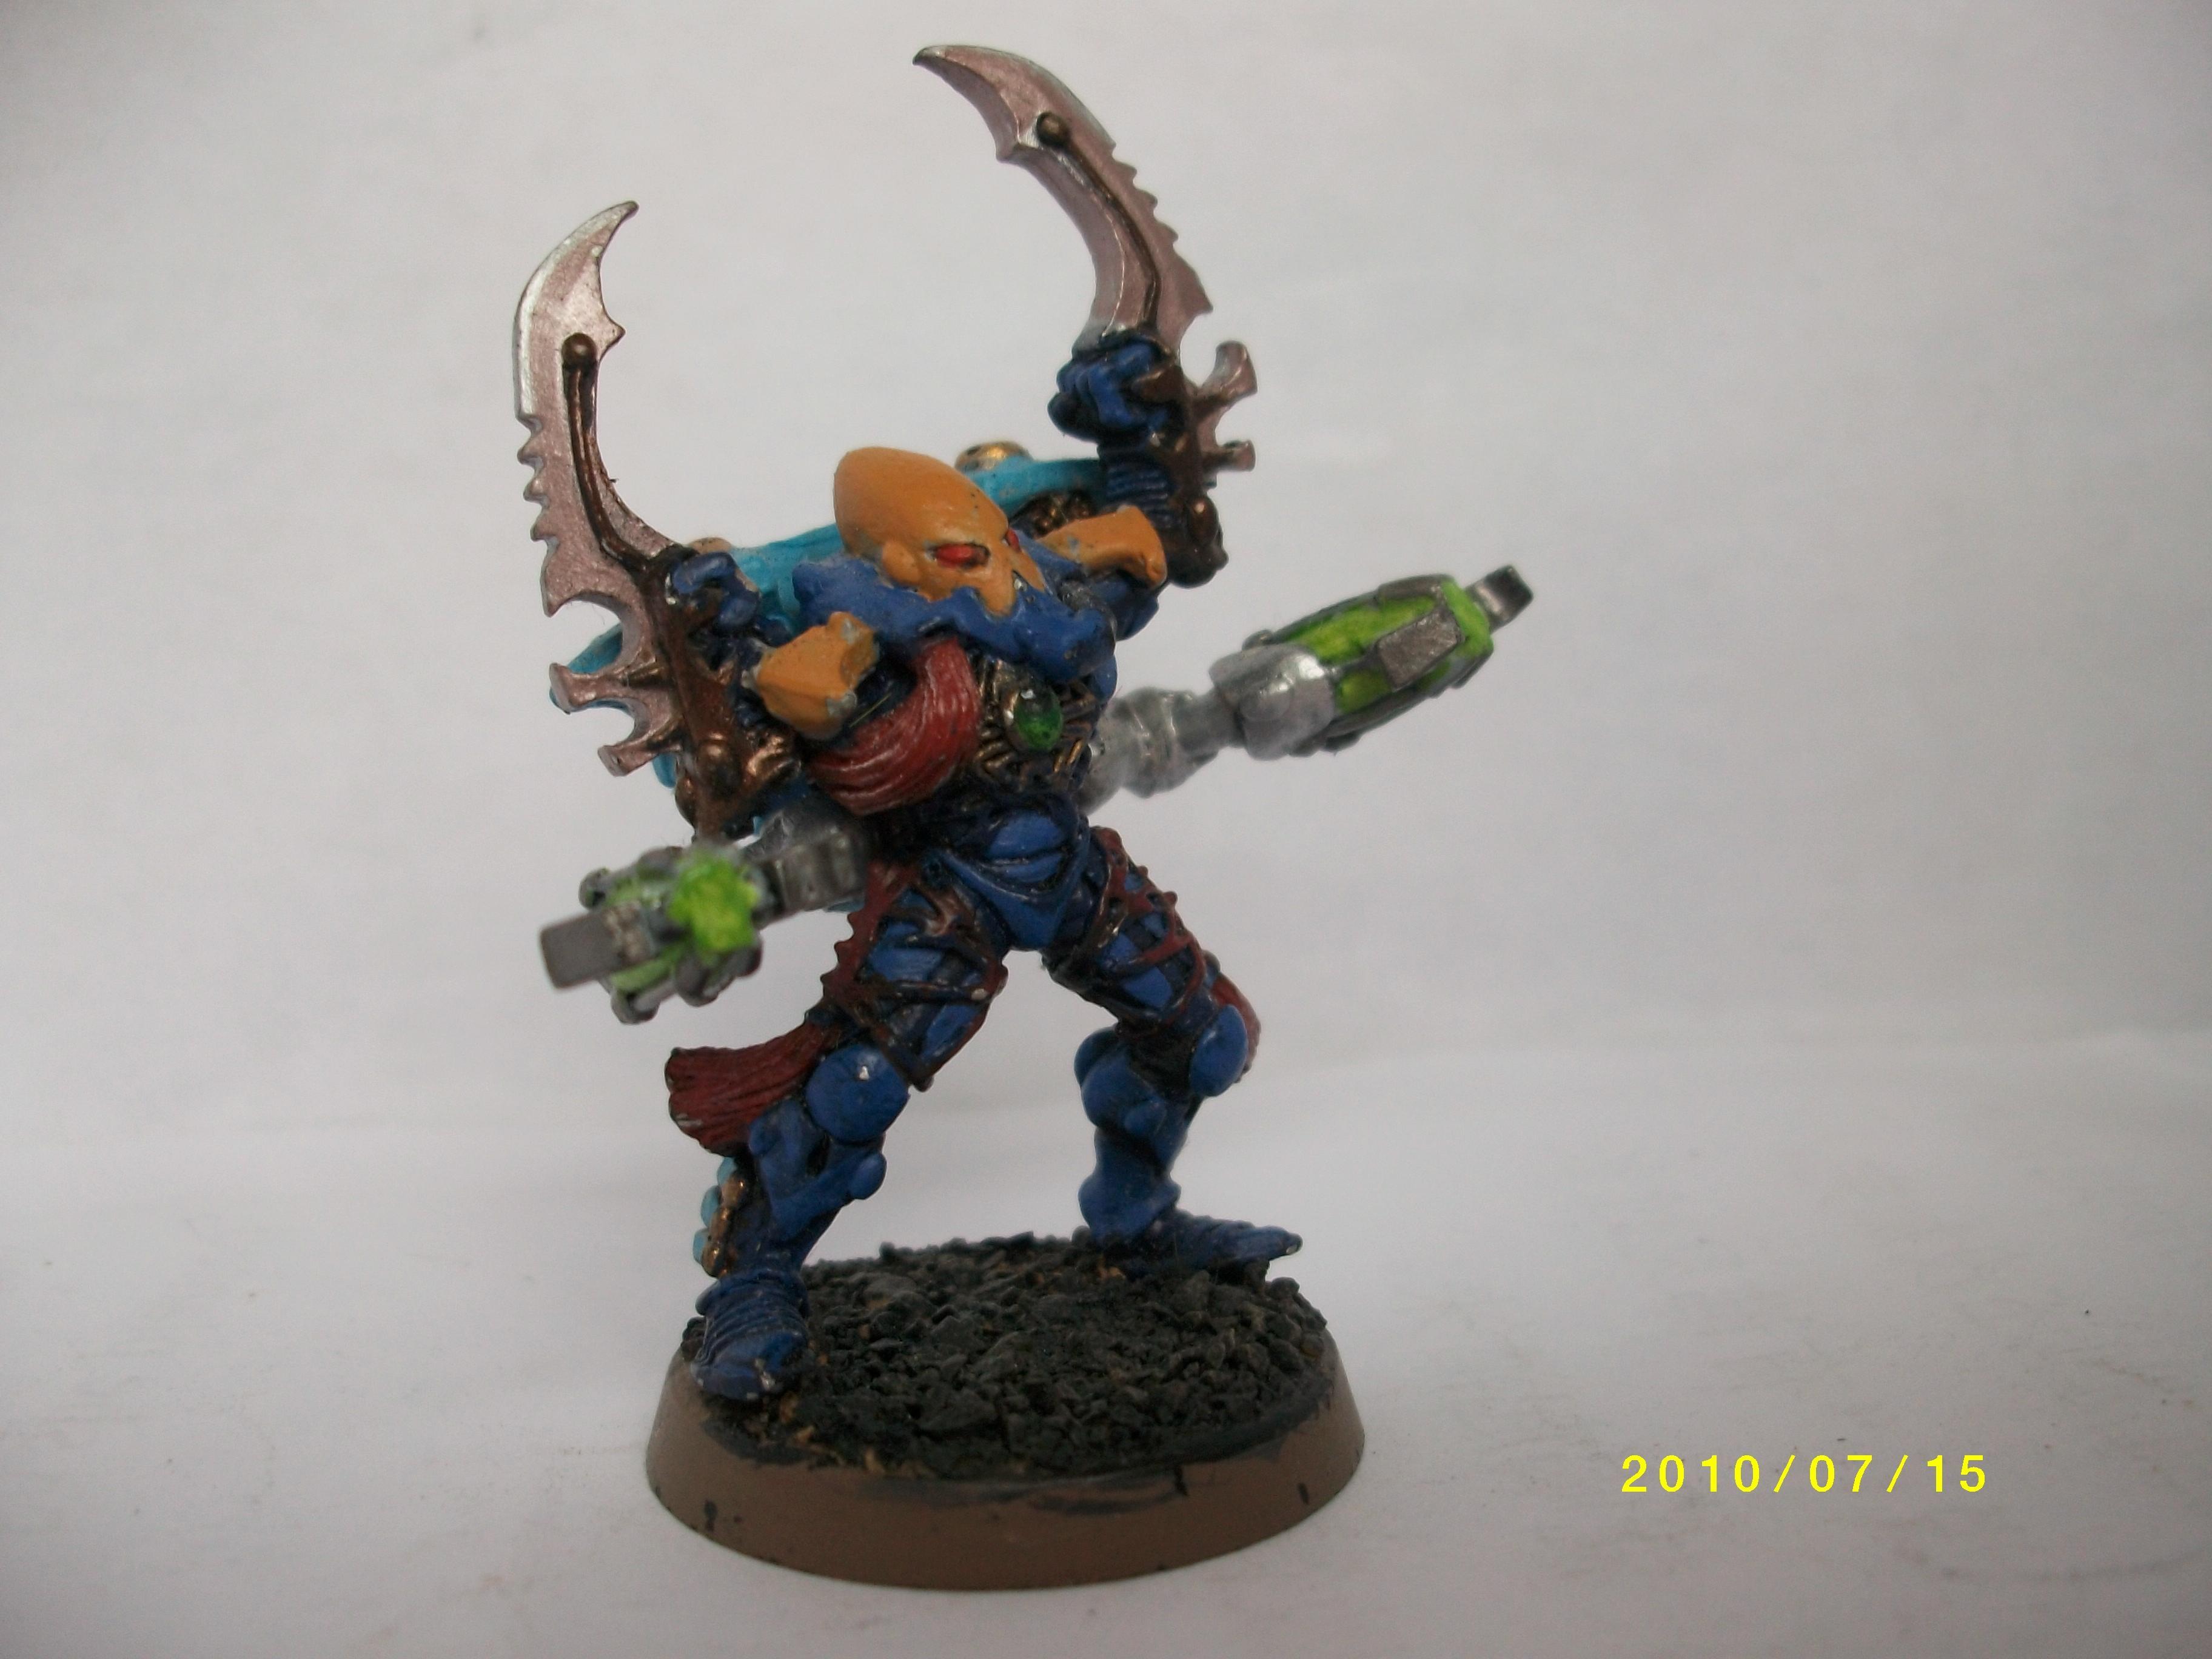 Eldar, Warhammer 40,000, Warp Spiders